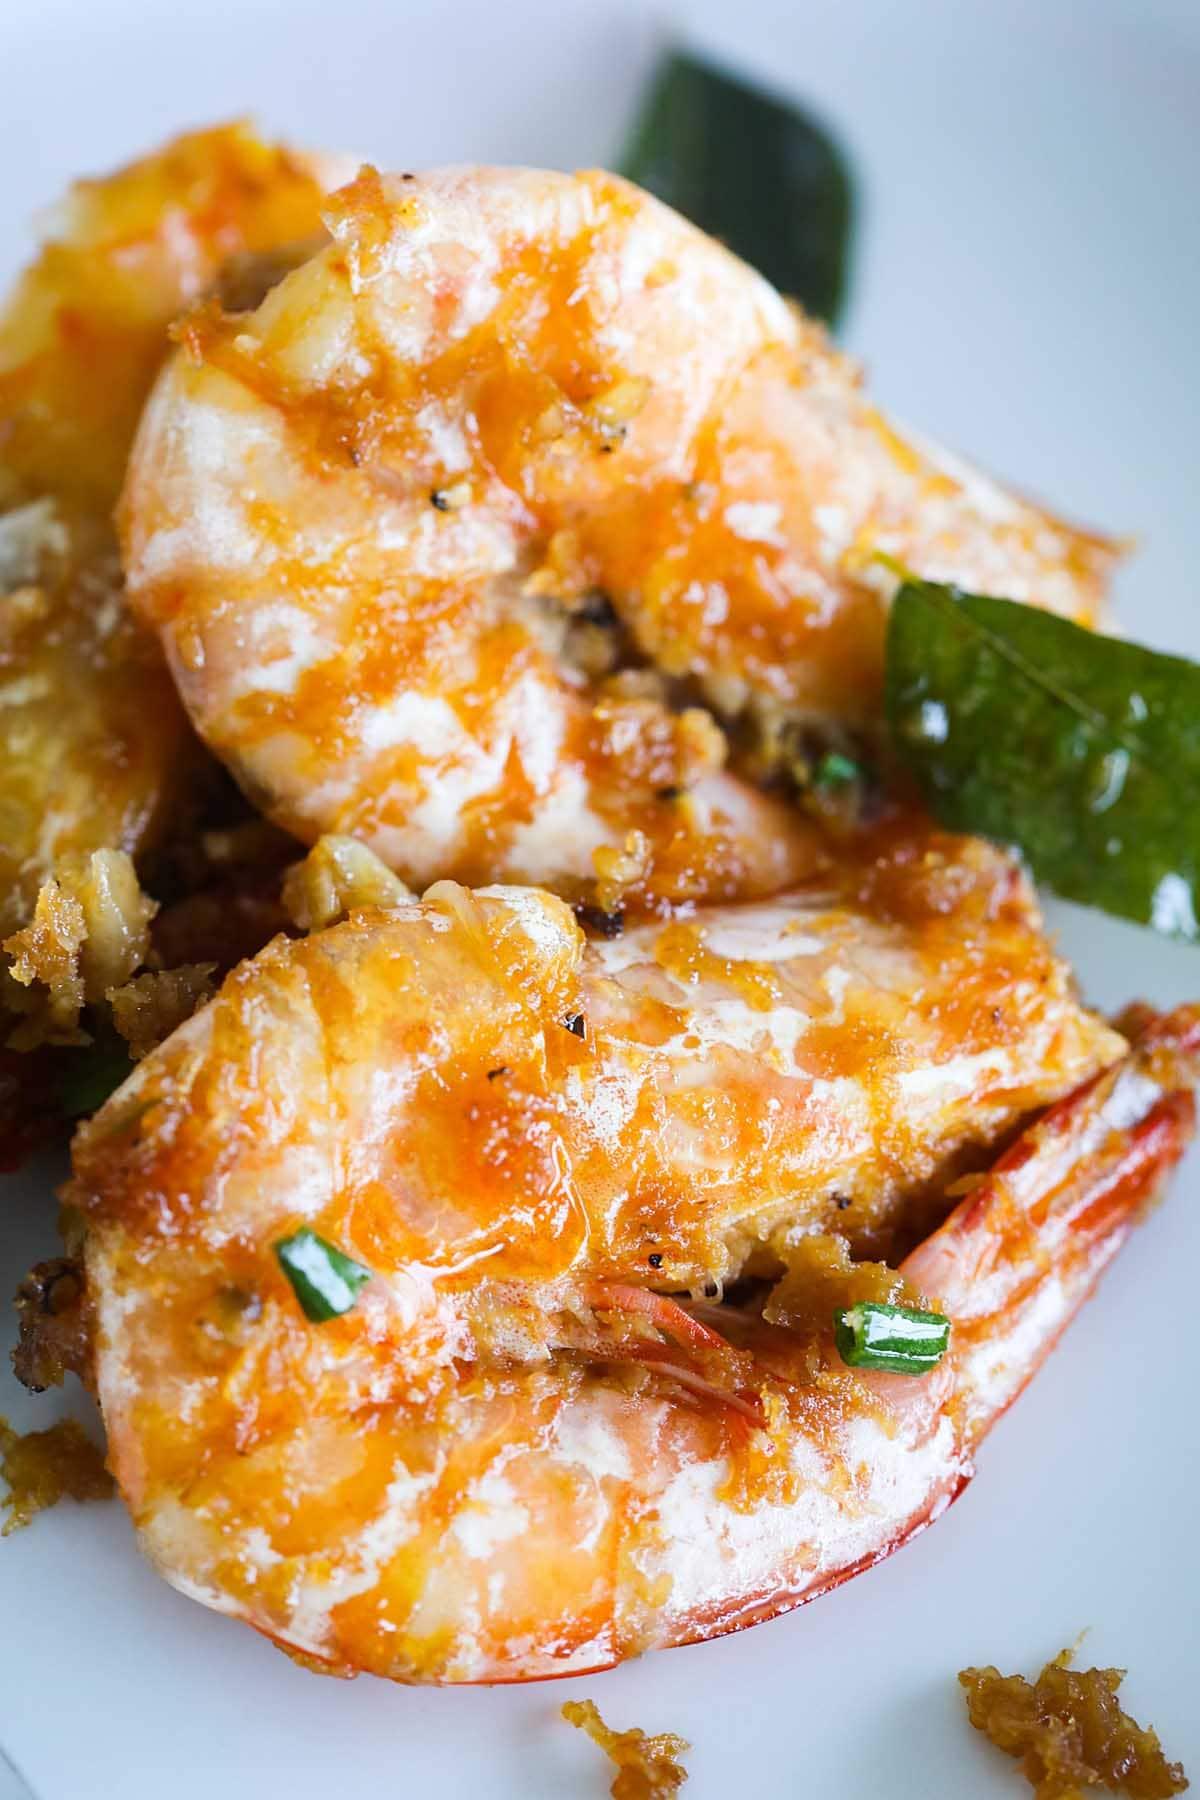 Crevettes au beurre, prêtes à servir.